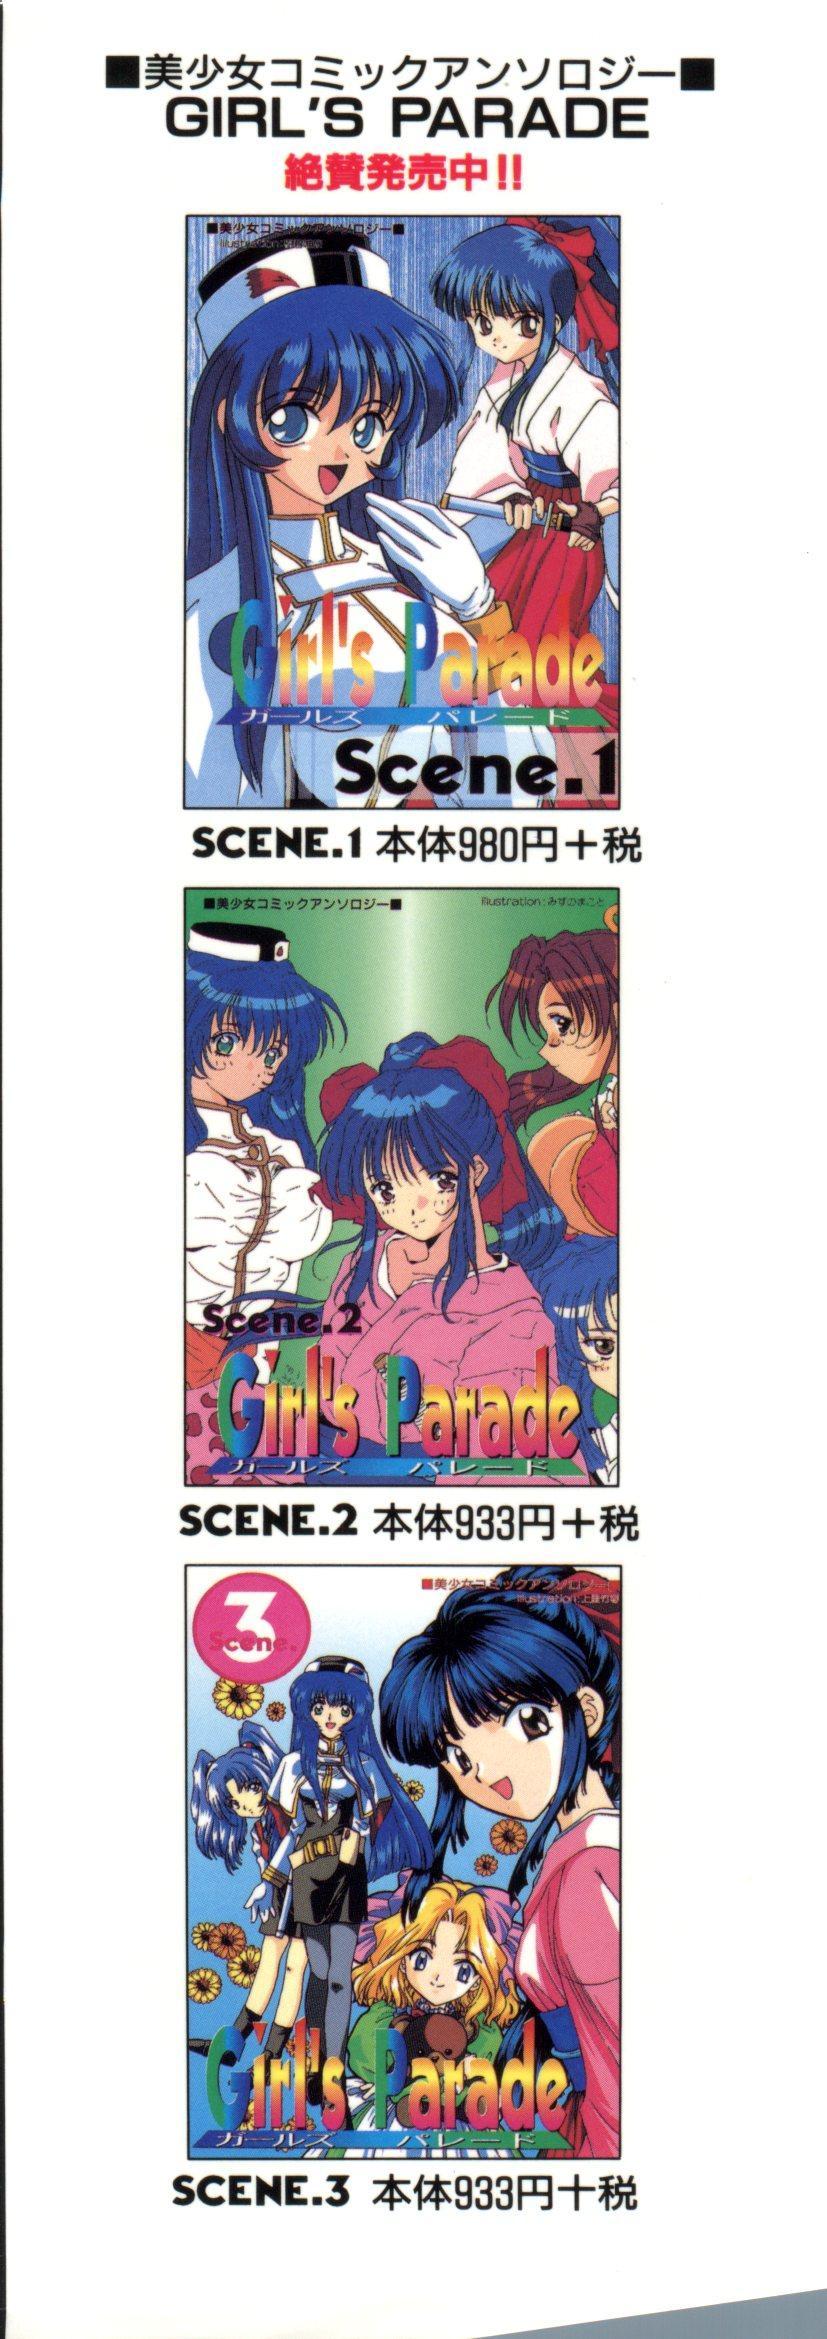 Girl's Parade Scene 4 1